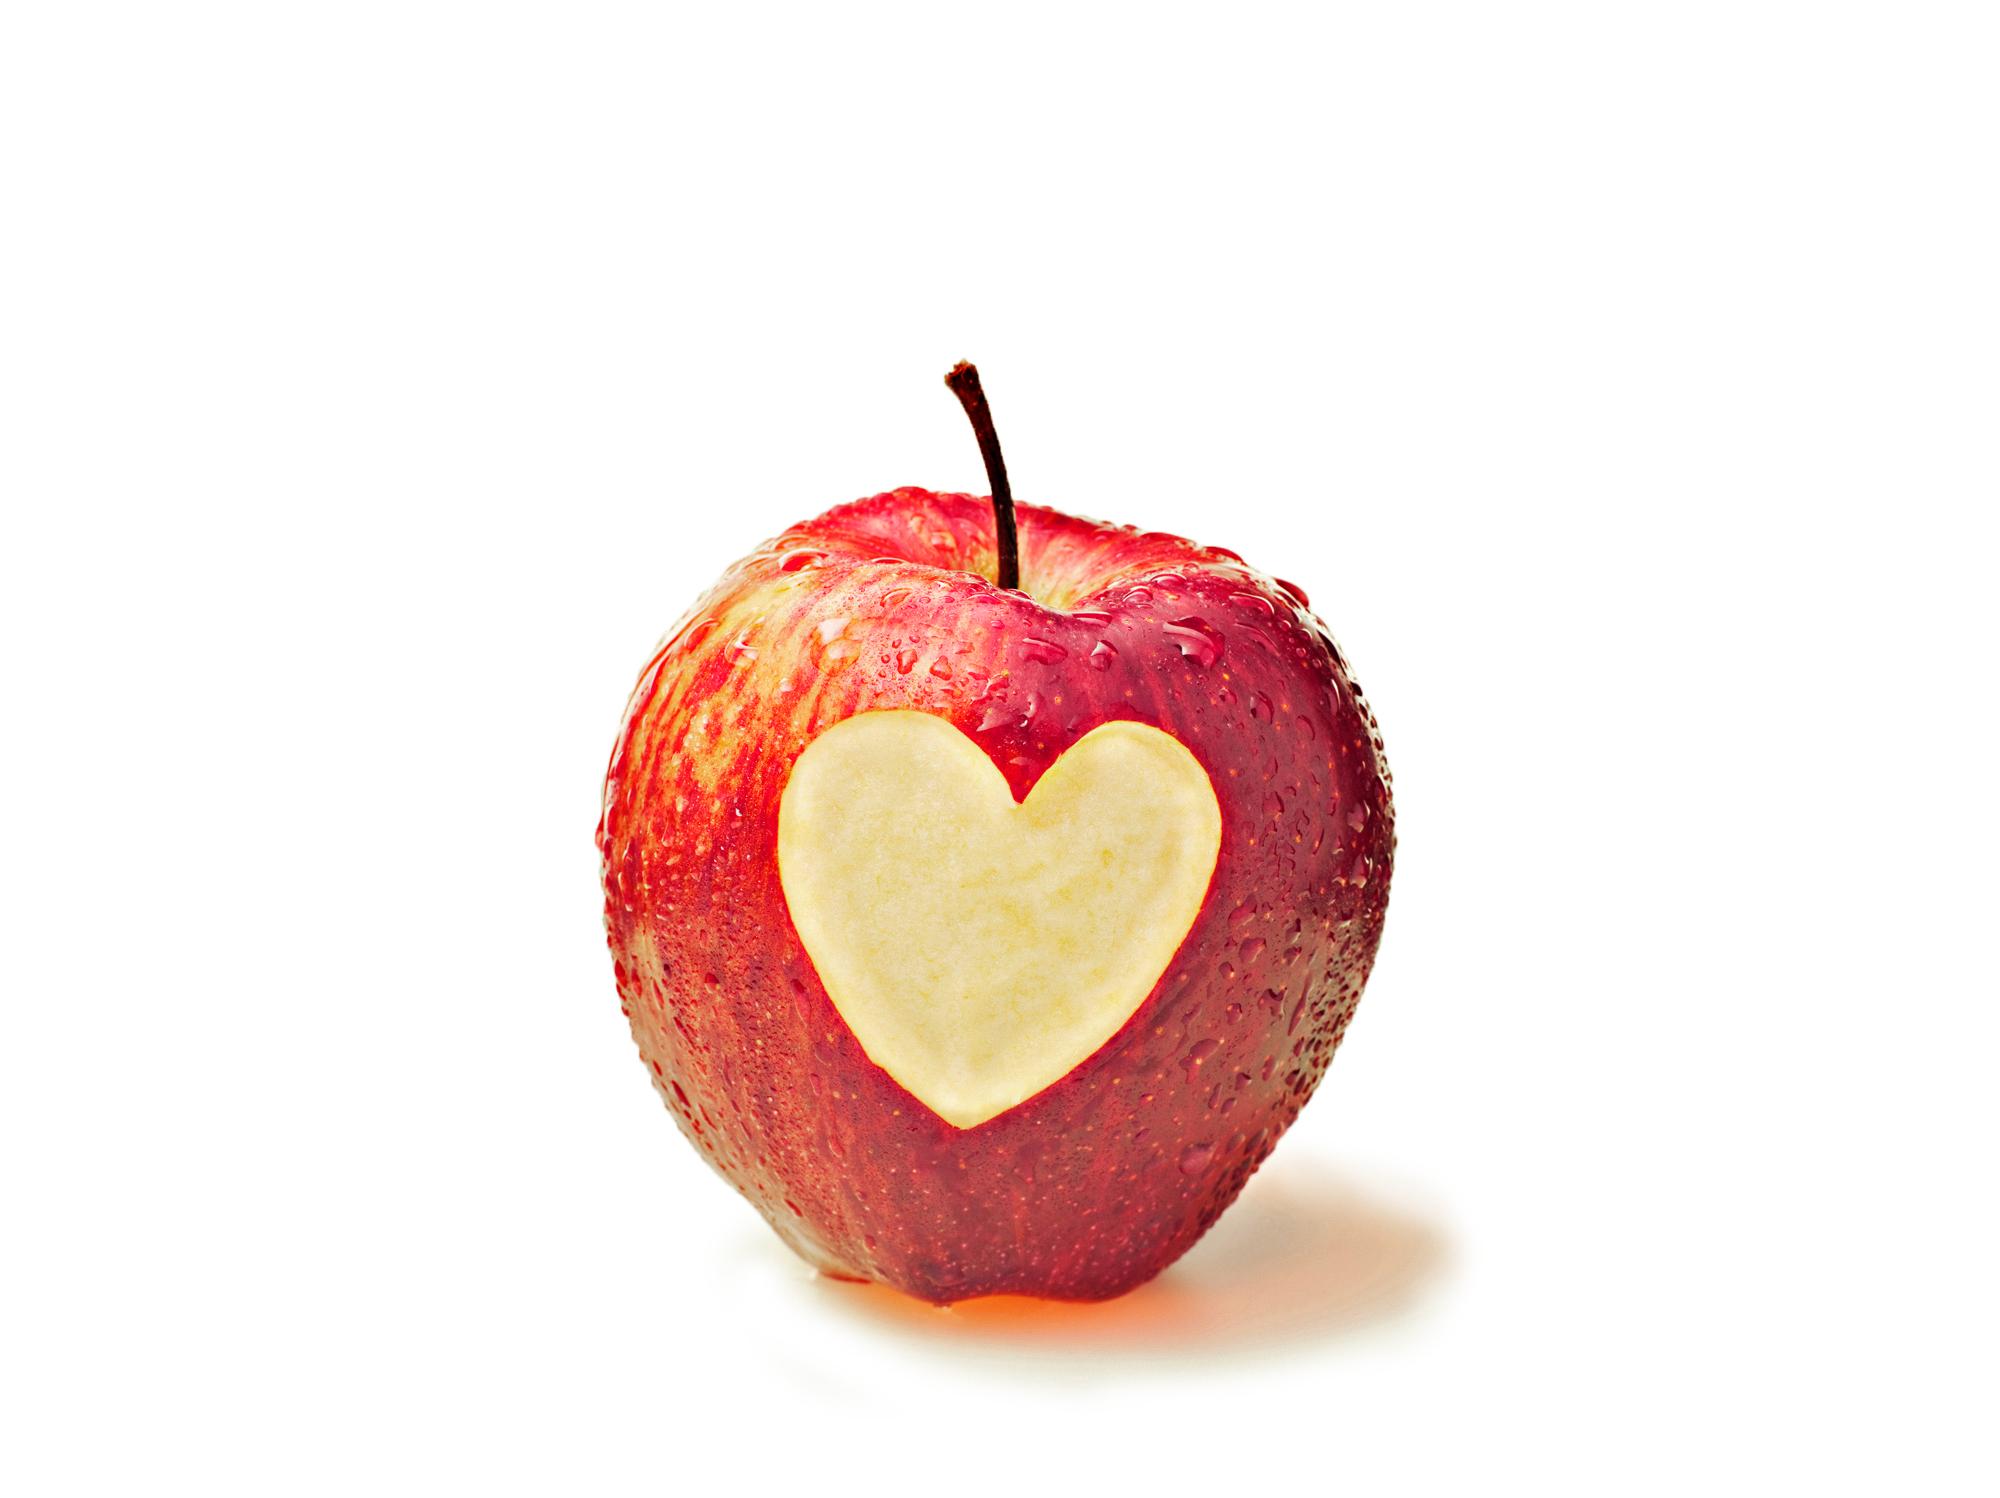 punainen omena, johon kaiverrettu sydän